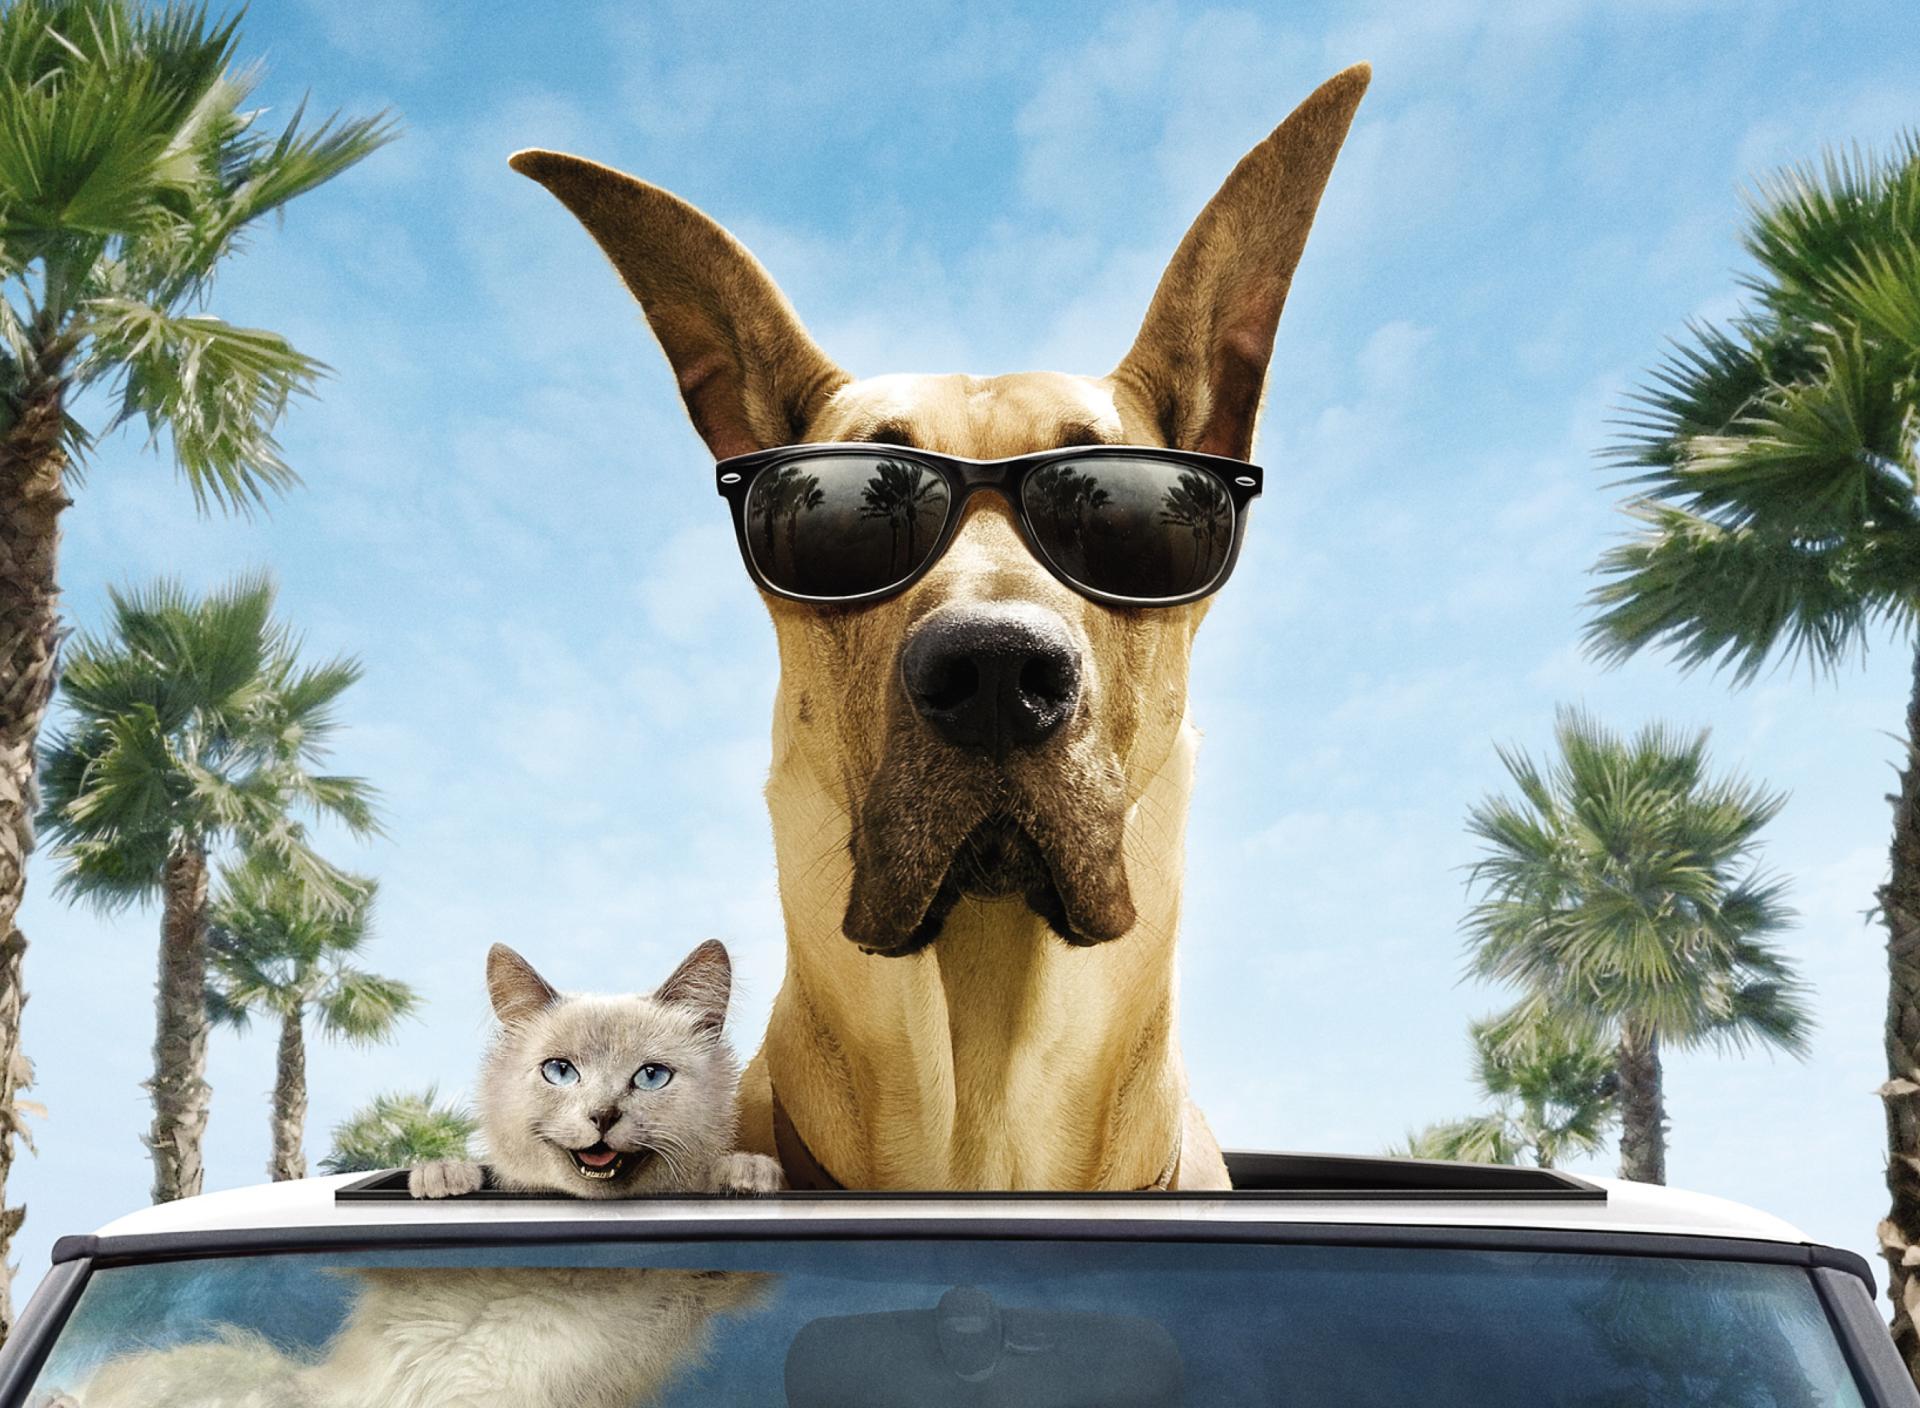 природа кот животное очки прикольное загрузить